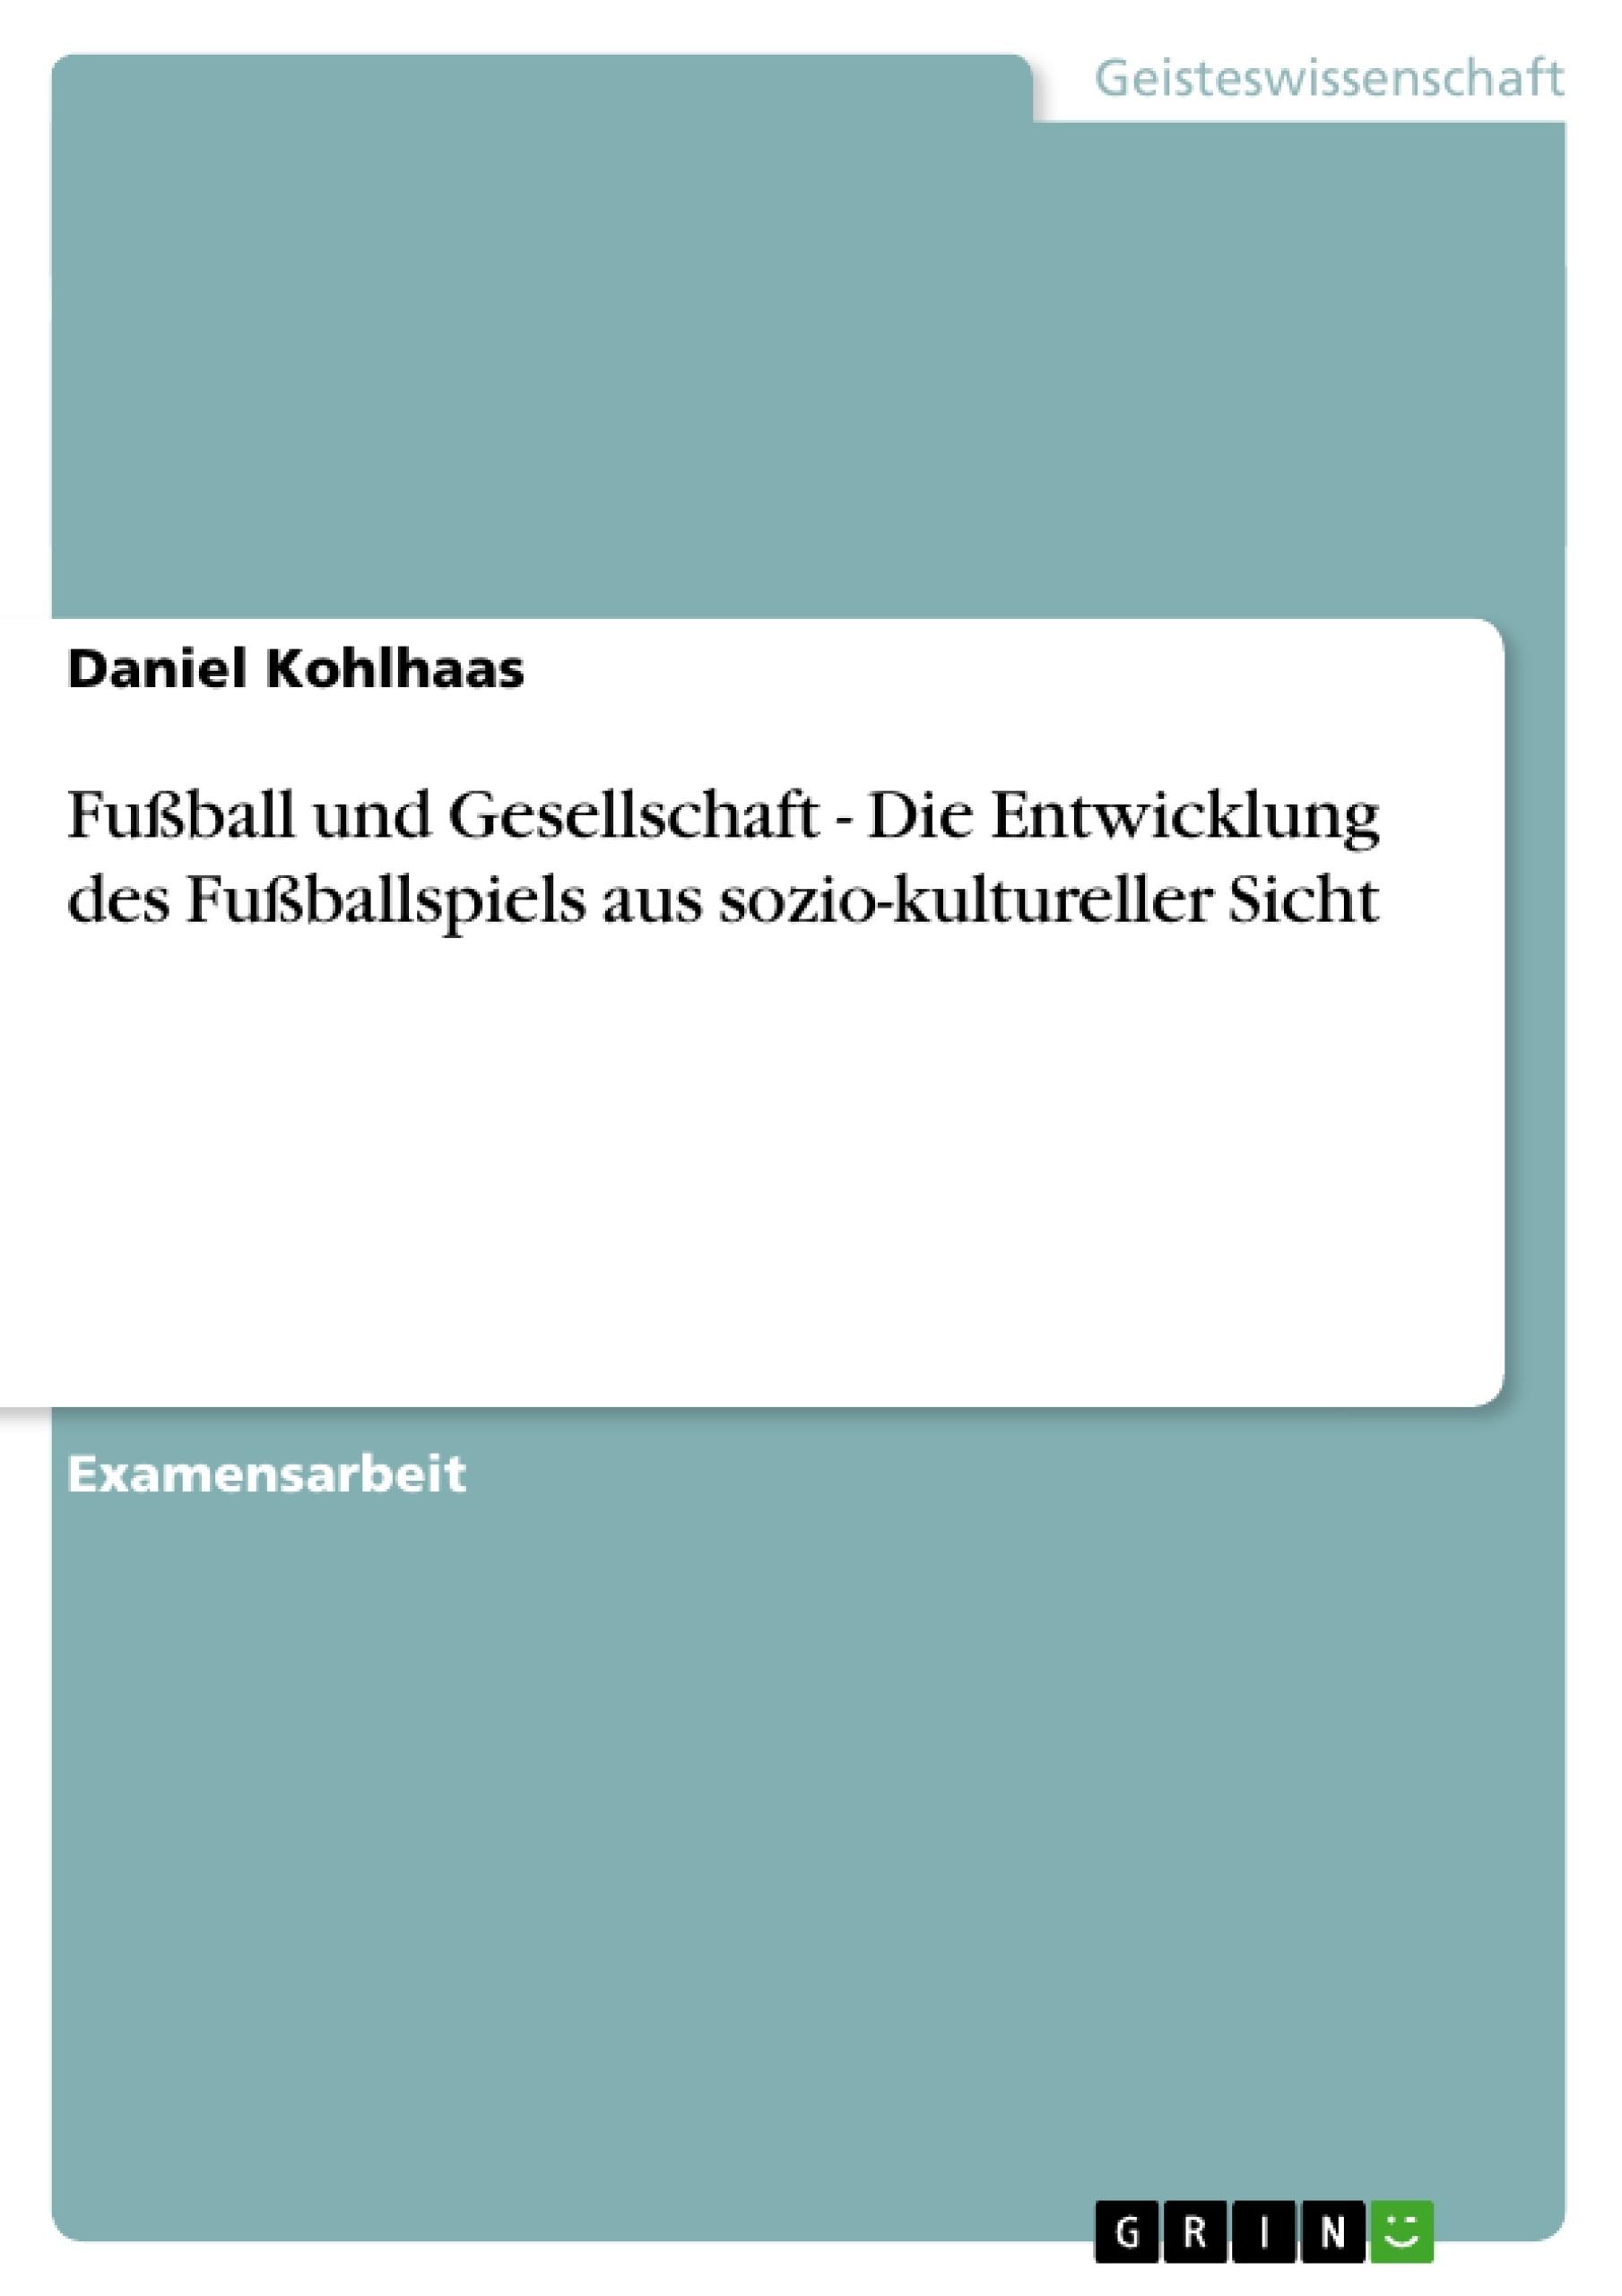 Titel: Fußball und Gesellschaft - Die Entwicklung des Fußballspiels aus sozio-kultureller Sicht